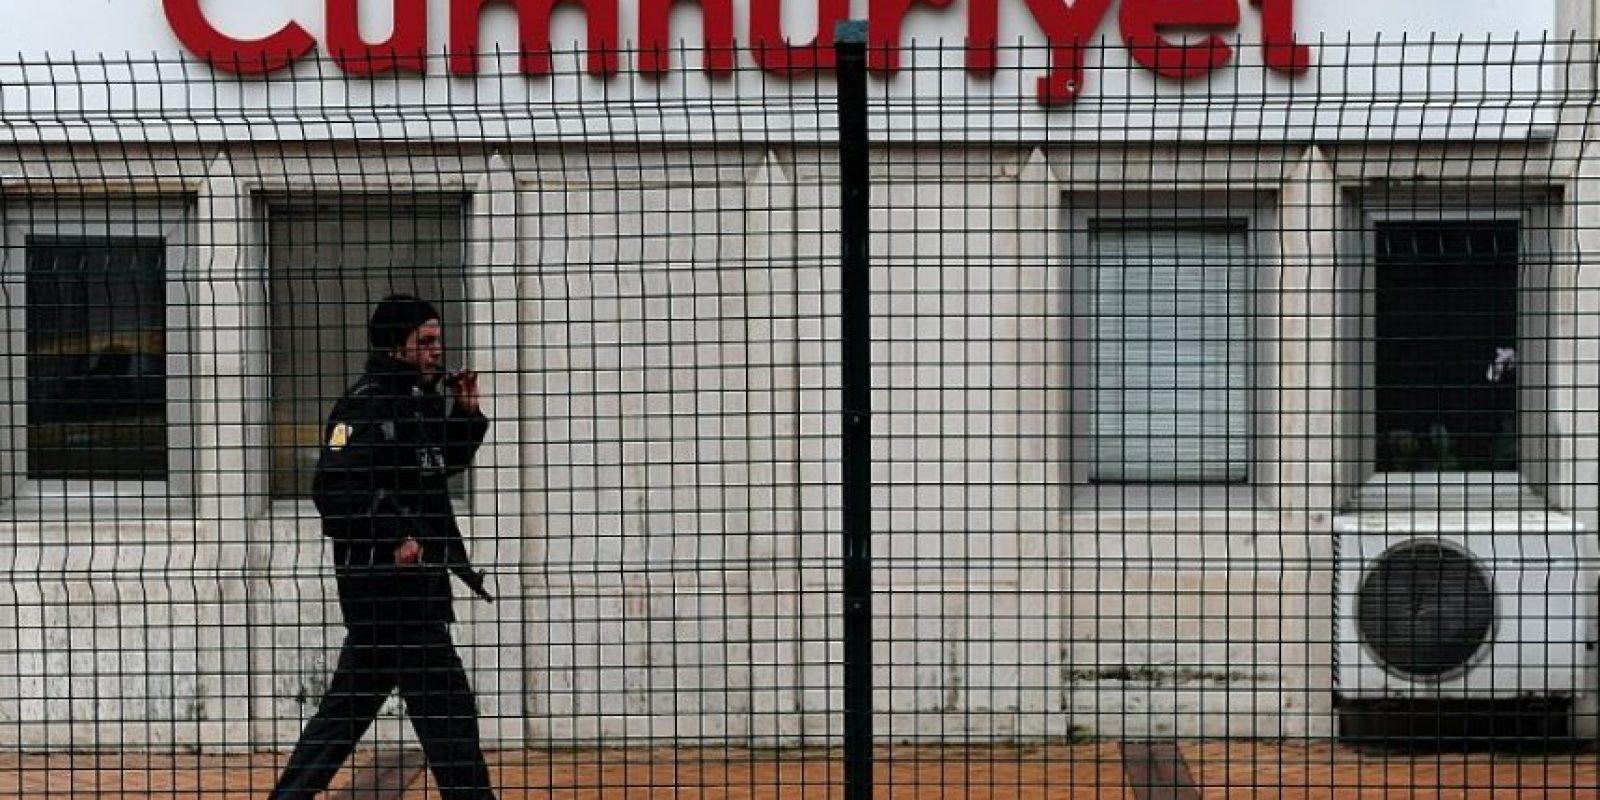 El periódico Cumhuriyet, con sede en Estambul, publicó cuatro páginas de Charlie Hebdo y sus periodistas recibieron amenazas de muerte Foto:AFP